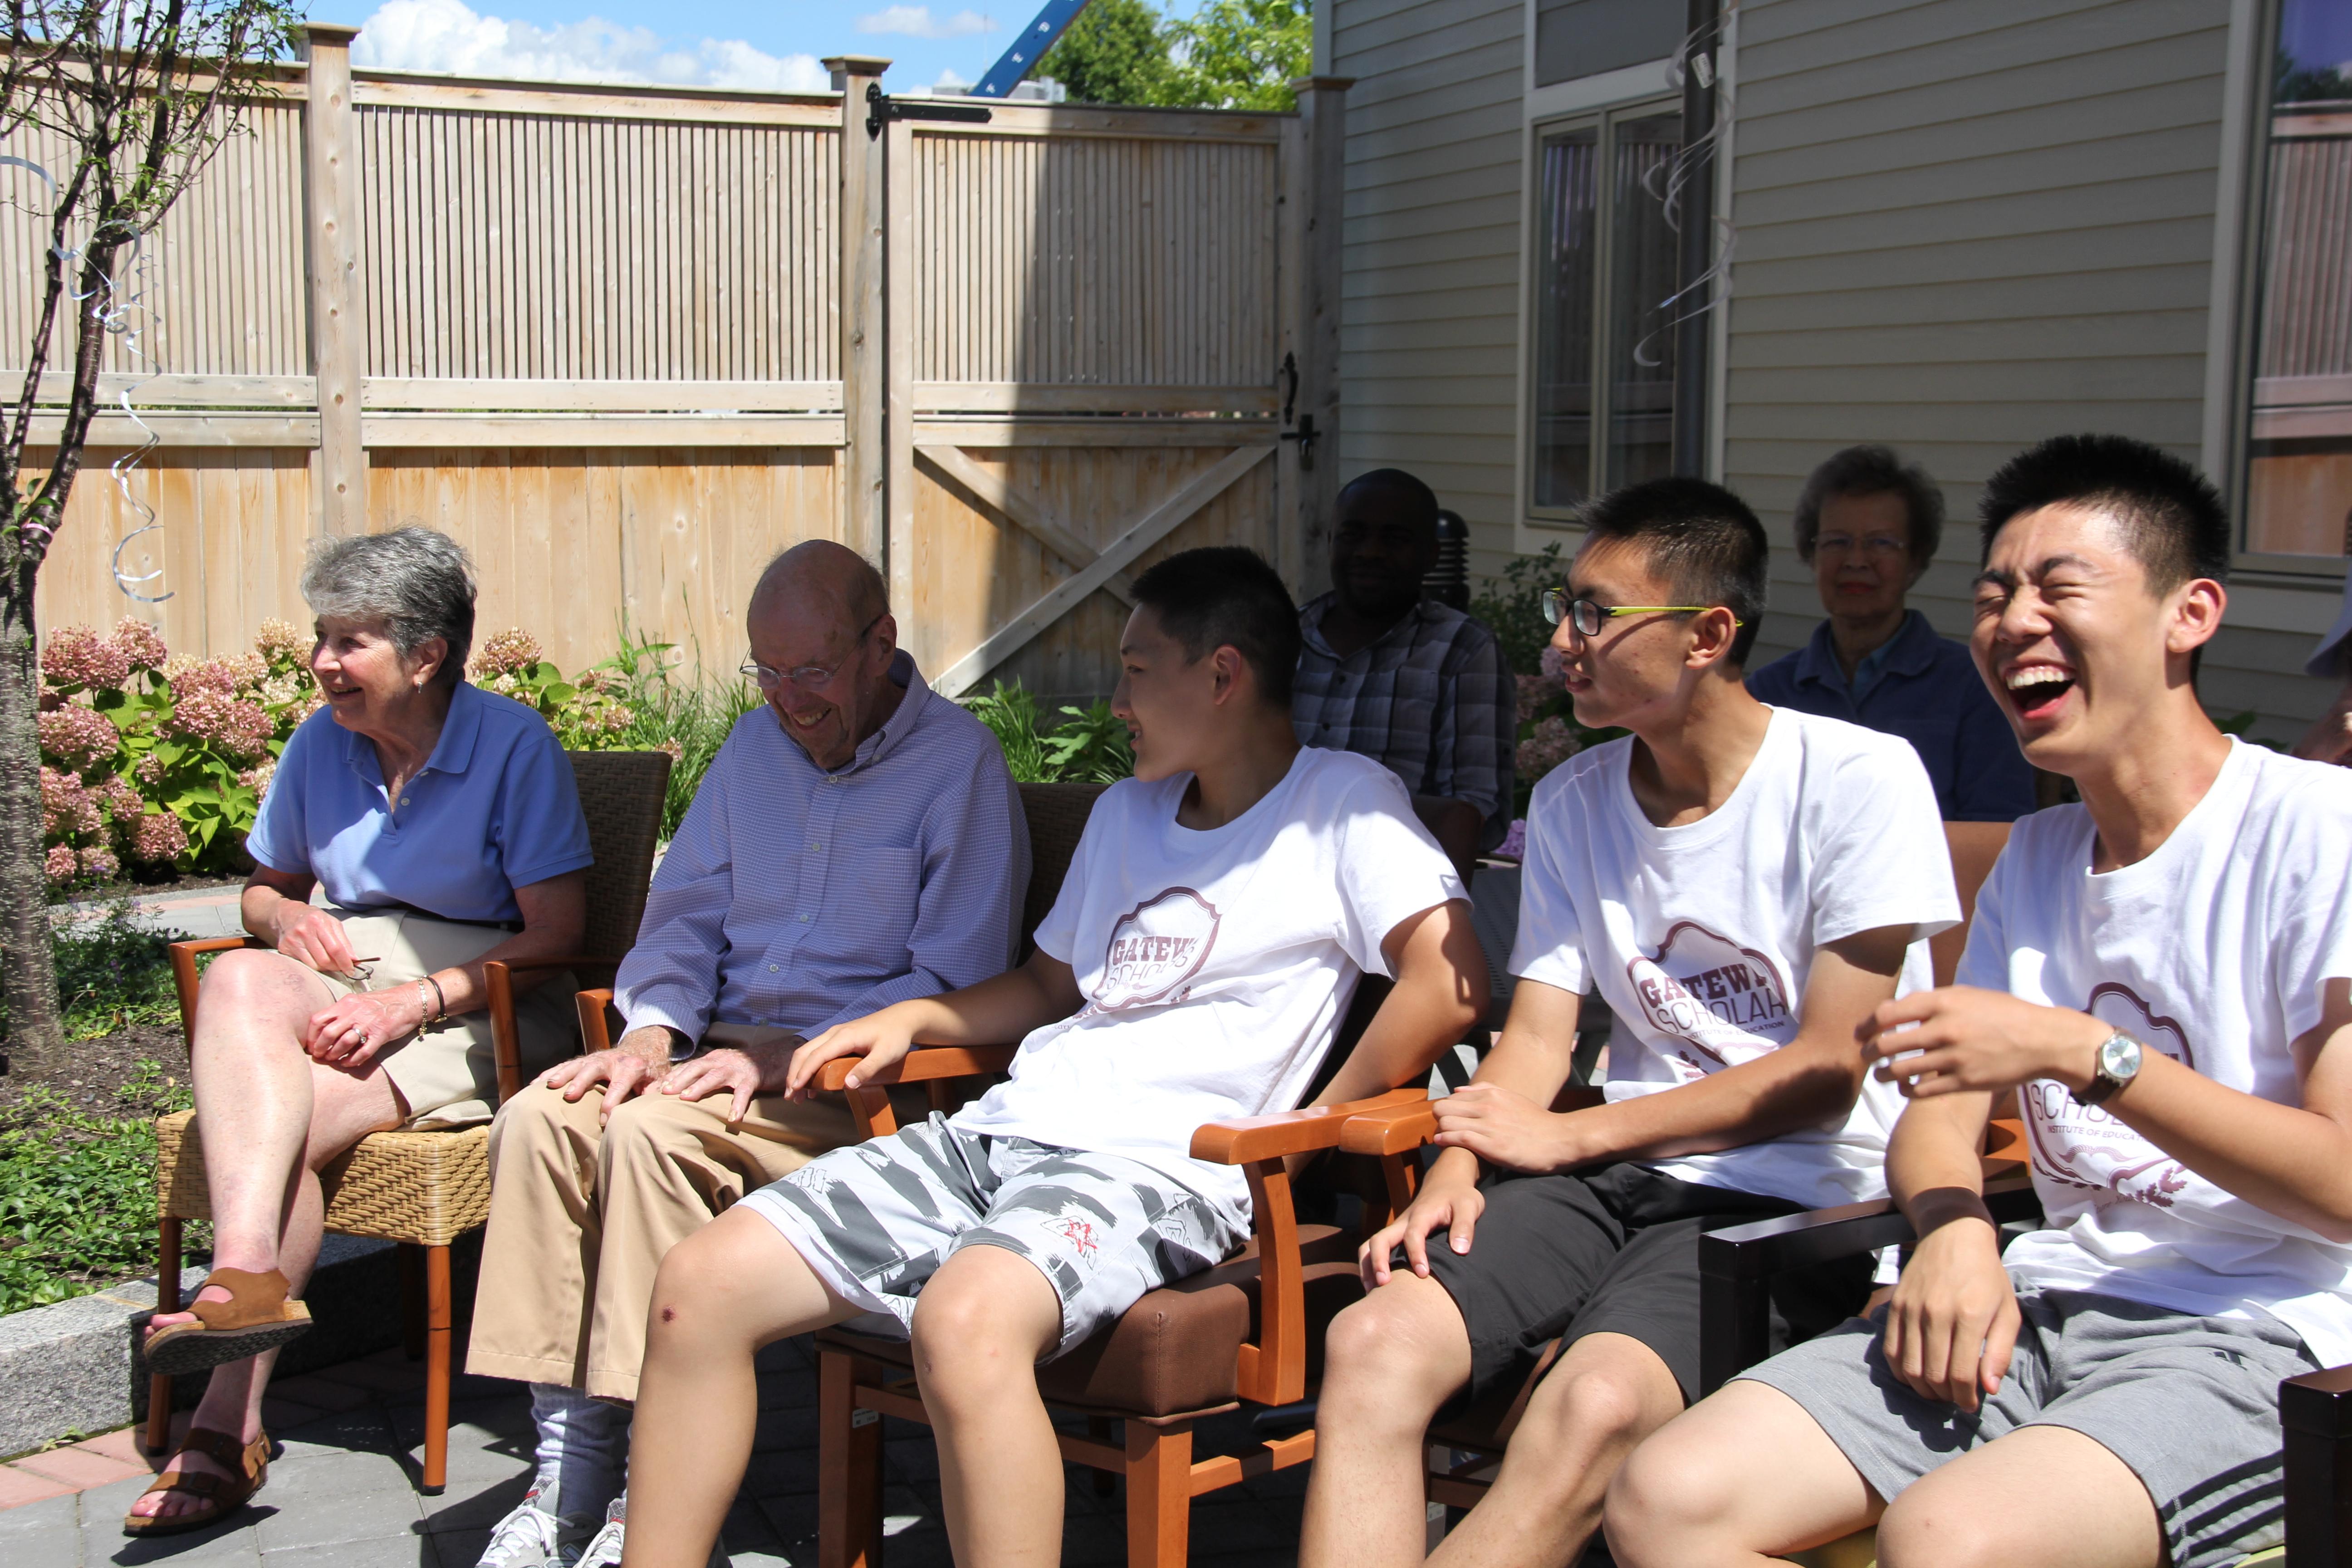 老人家跟志愿者欢乐对话